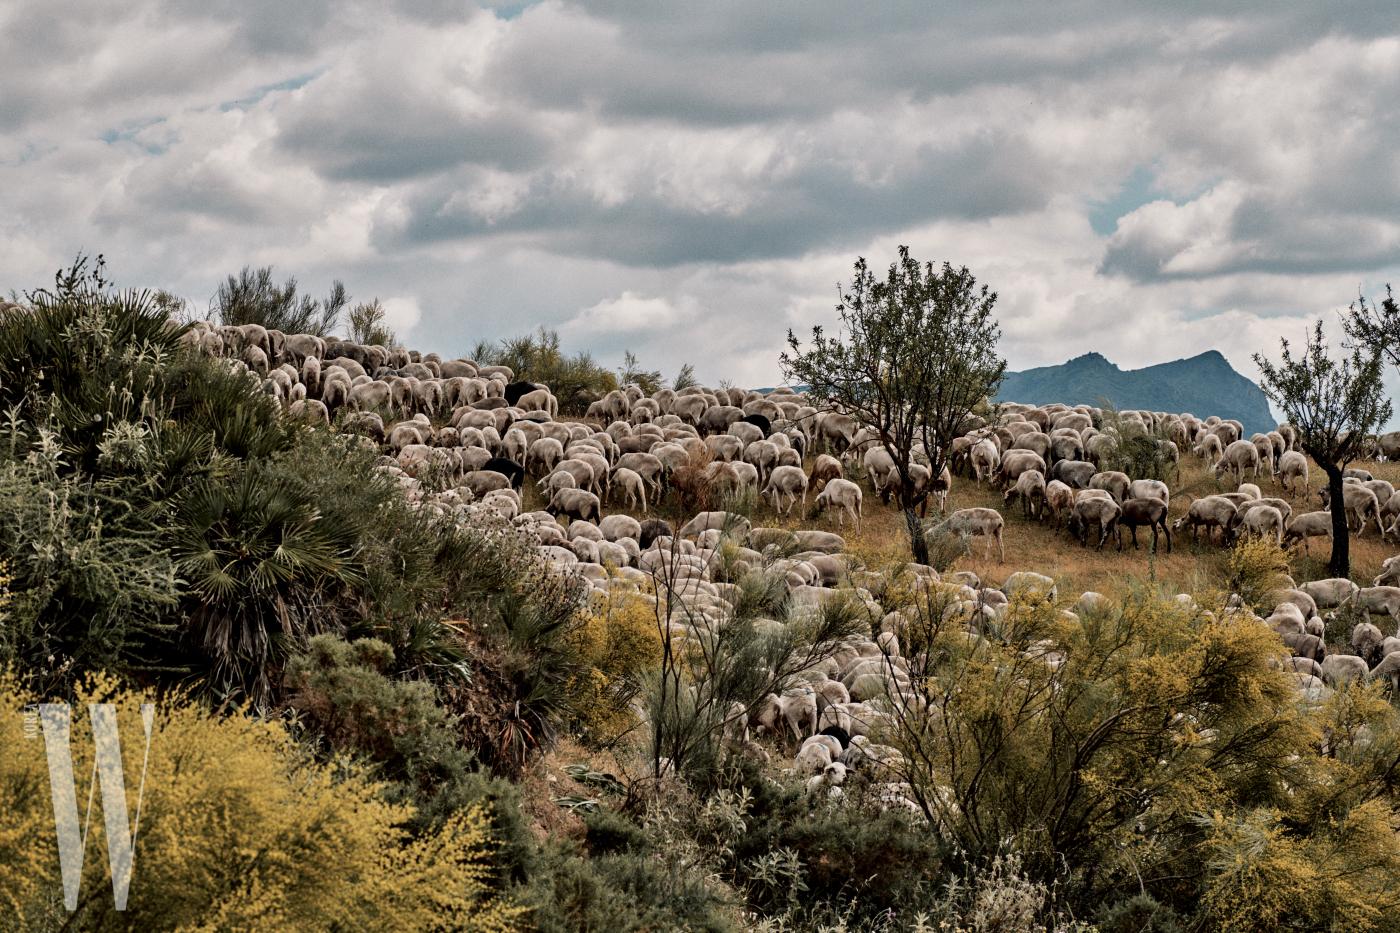 스페인 남부 안달루시아 지방 안테케라 골짜기를 점령한 양떼들.